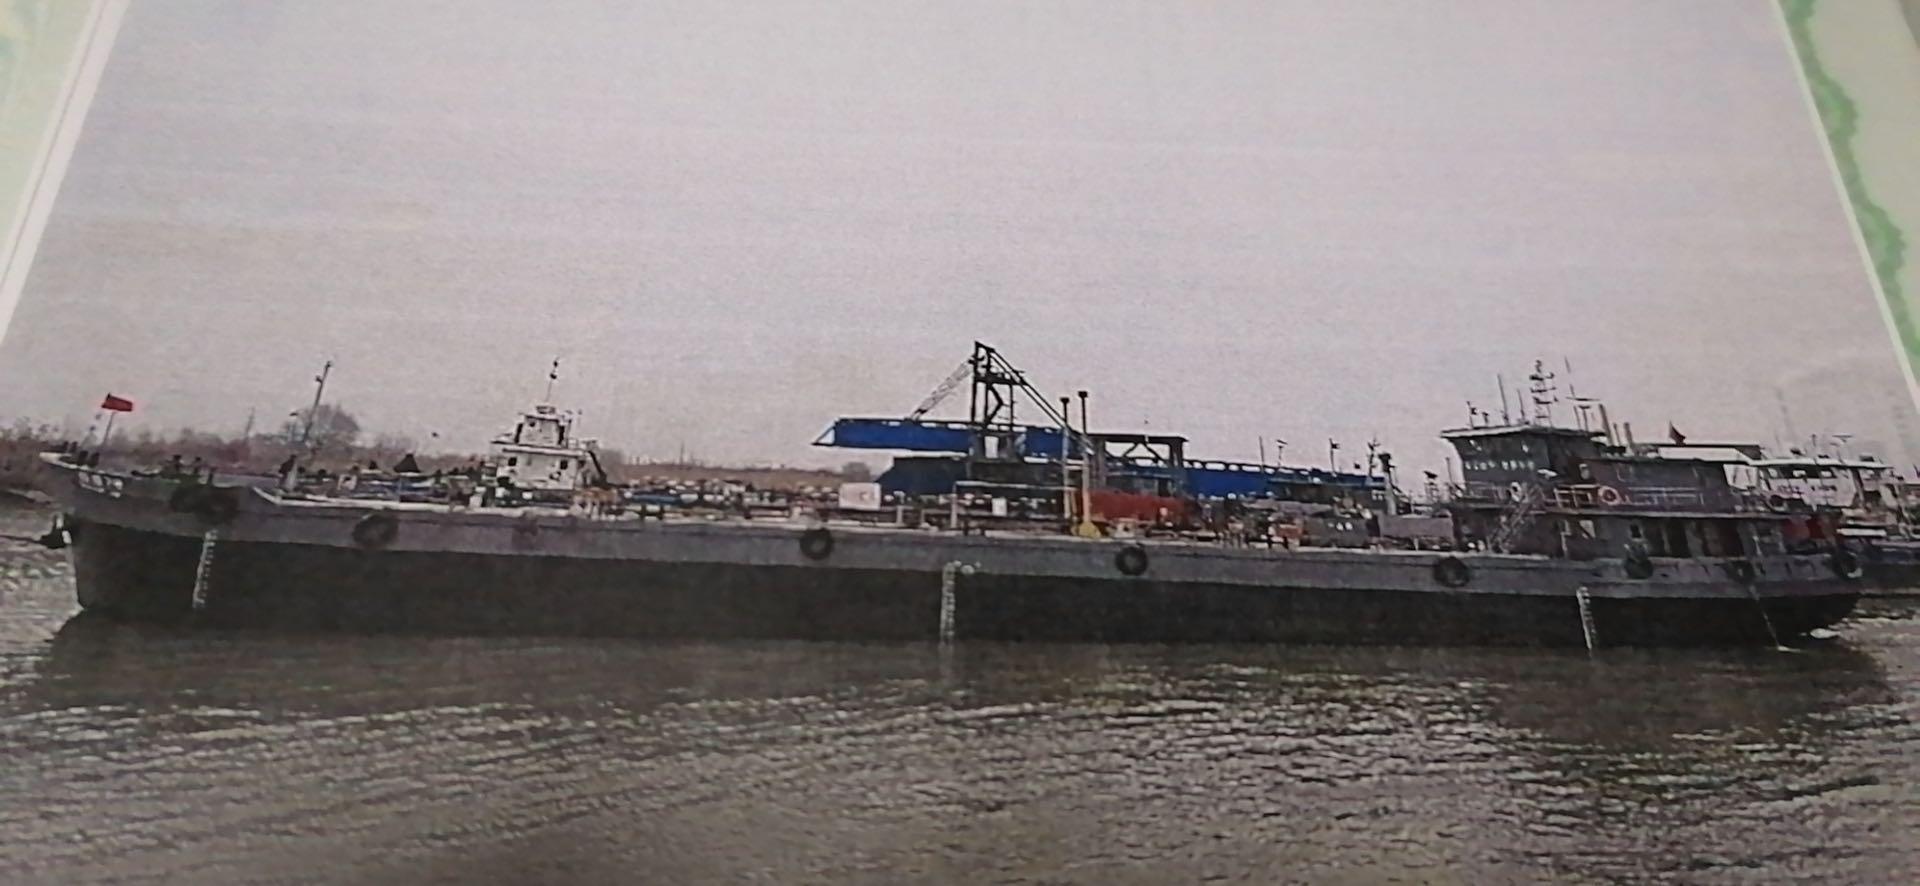 1000吨成品油油船出售